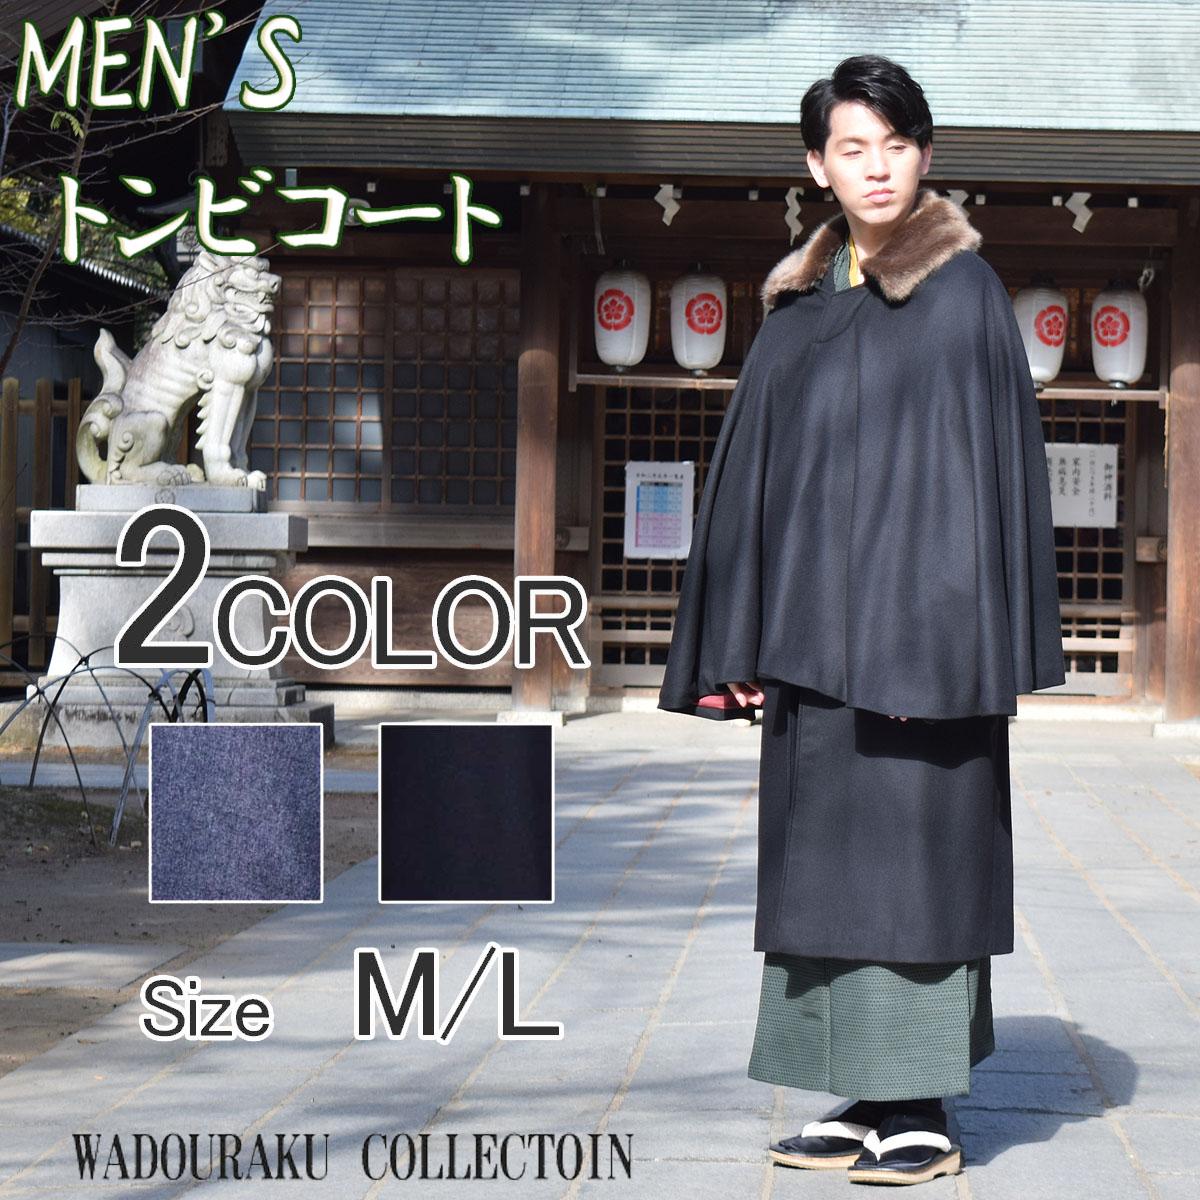 選べる 2色 メンズ 男性 紳士 トンビ コート 商品追加値下げ在庫復活 ウール トンビコート 番号c204-21 2色 超歓迎された